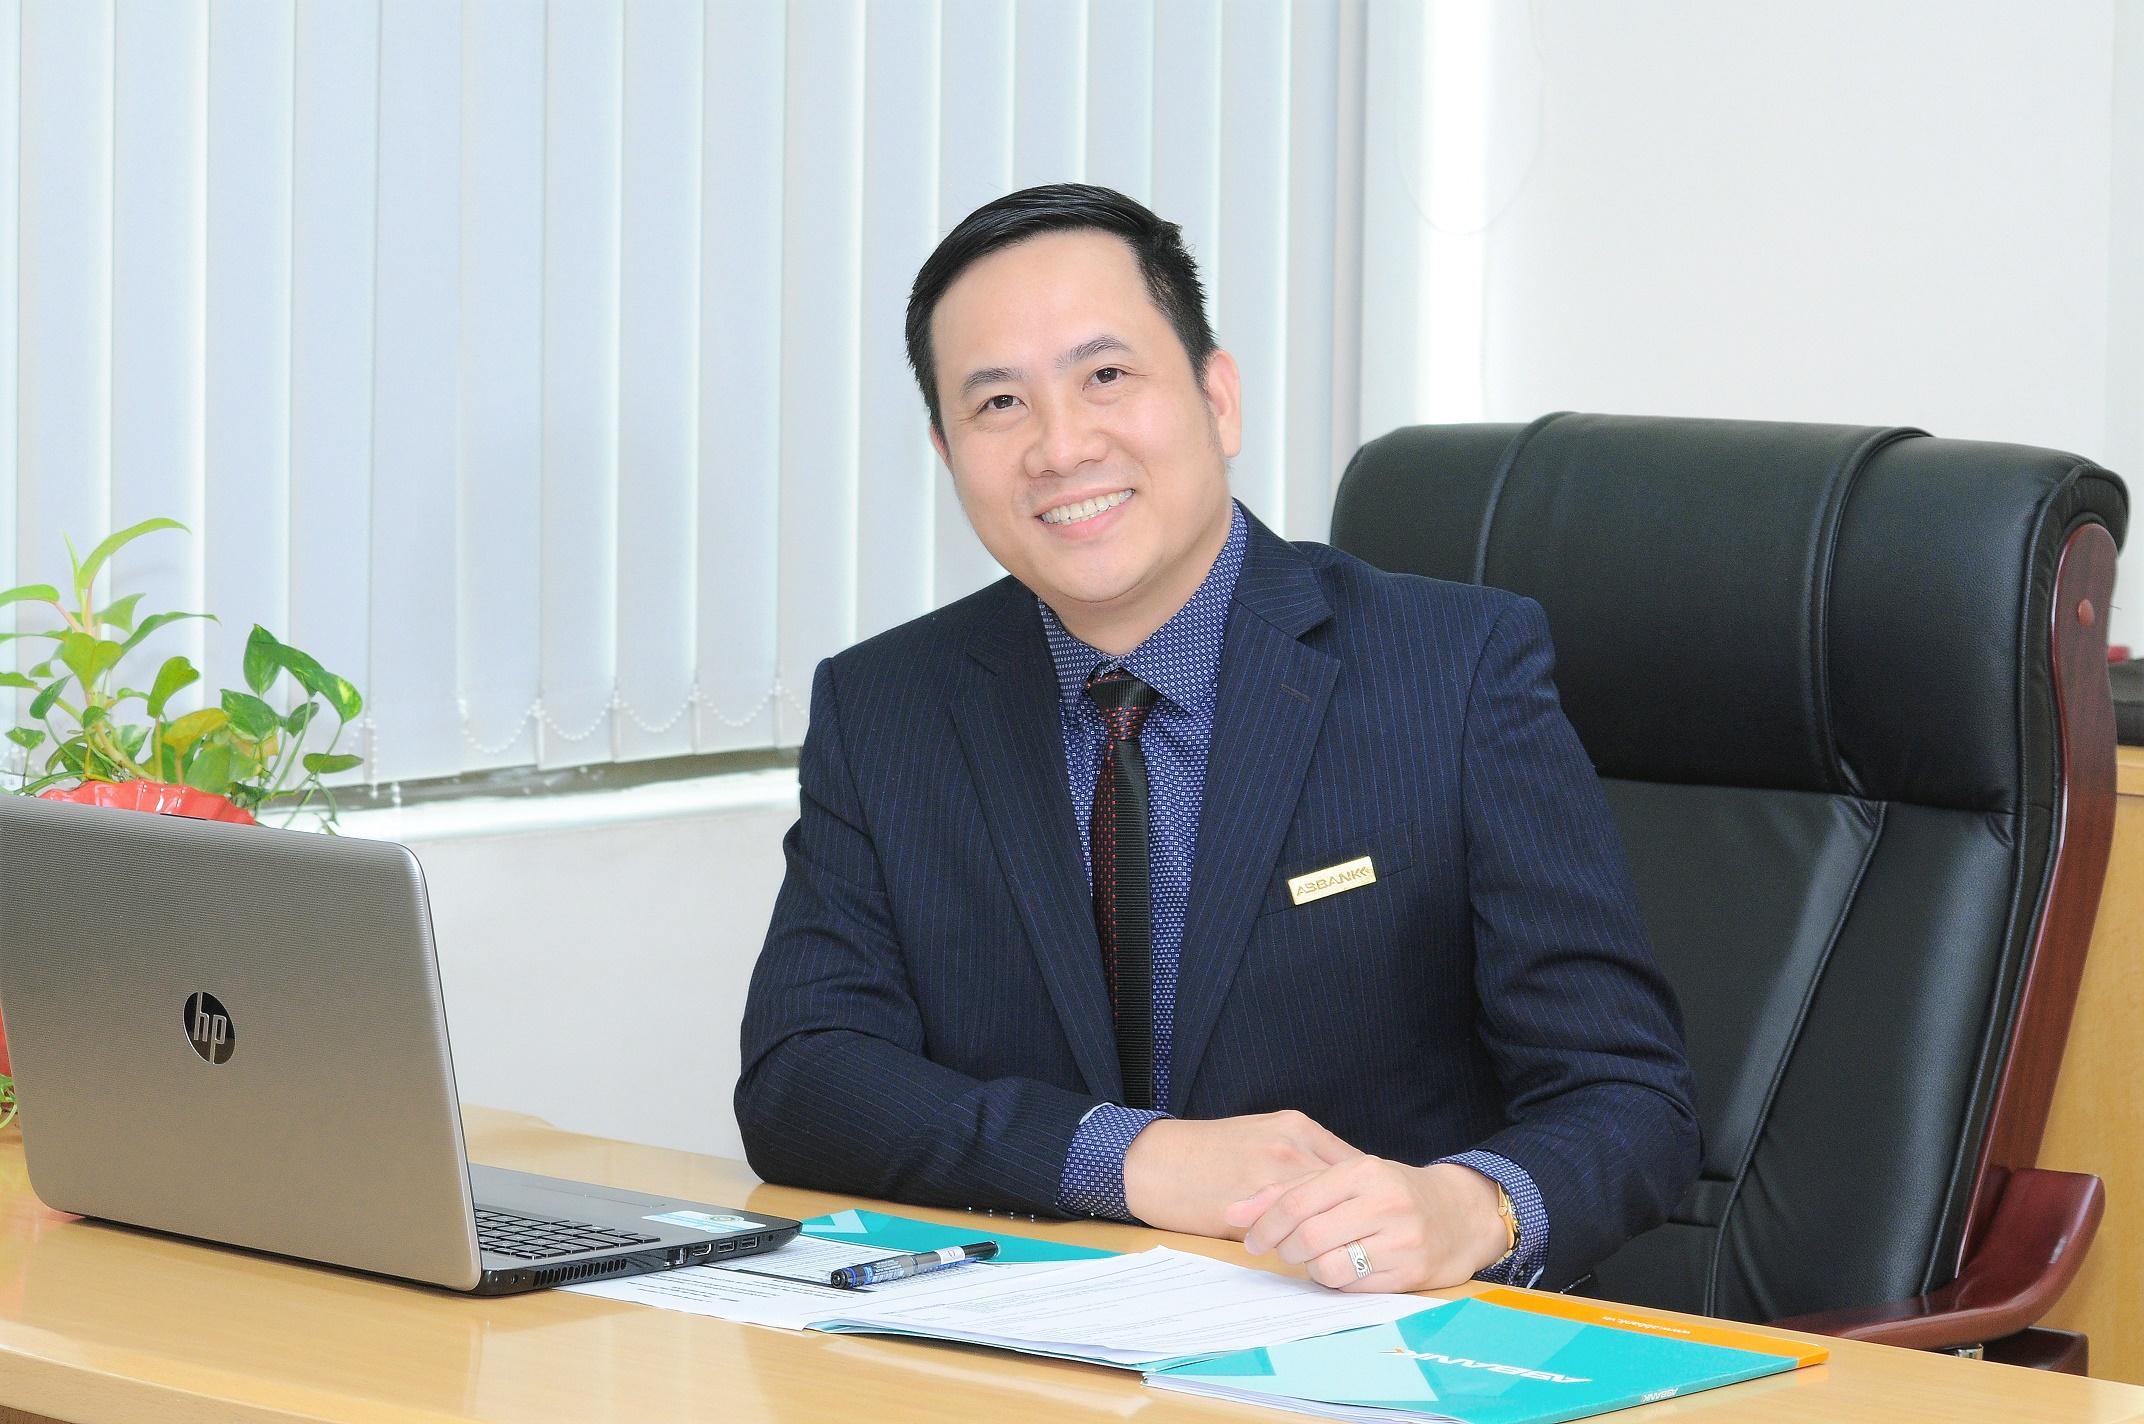 Ông Hà Huy Cường thôi giữ chức Phó Tổng giám đốc ABBANK | Doanh nghiệp |  Vietnam+ (VietnamPlus)